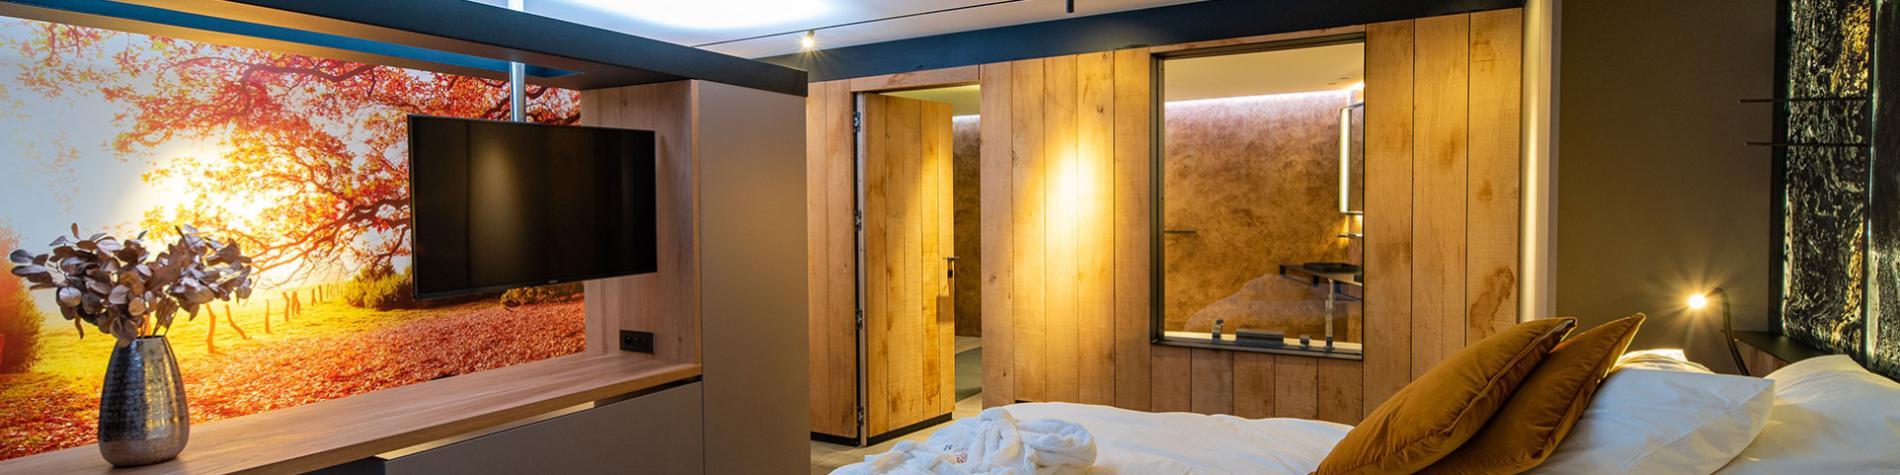 Chambres d'hôtes - L'Ardenne Autrement - Hives